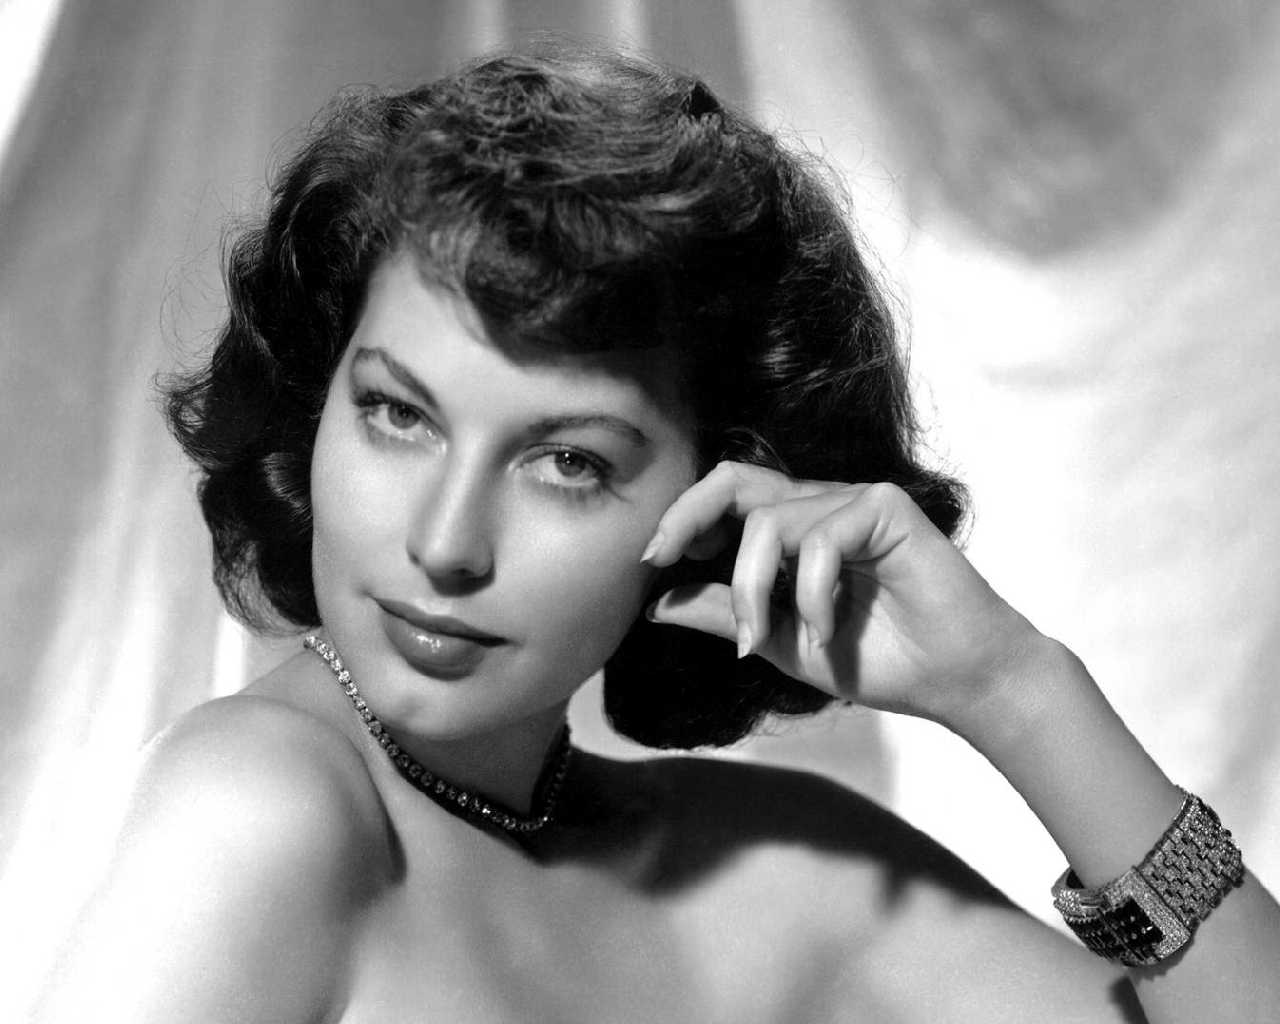 Ава Гарднер: творчество и личная жизнь одной из самых ярких актрис ХХ века